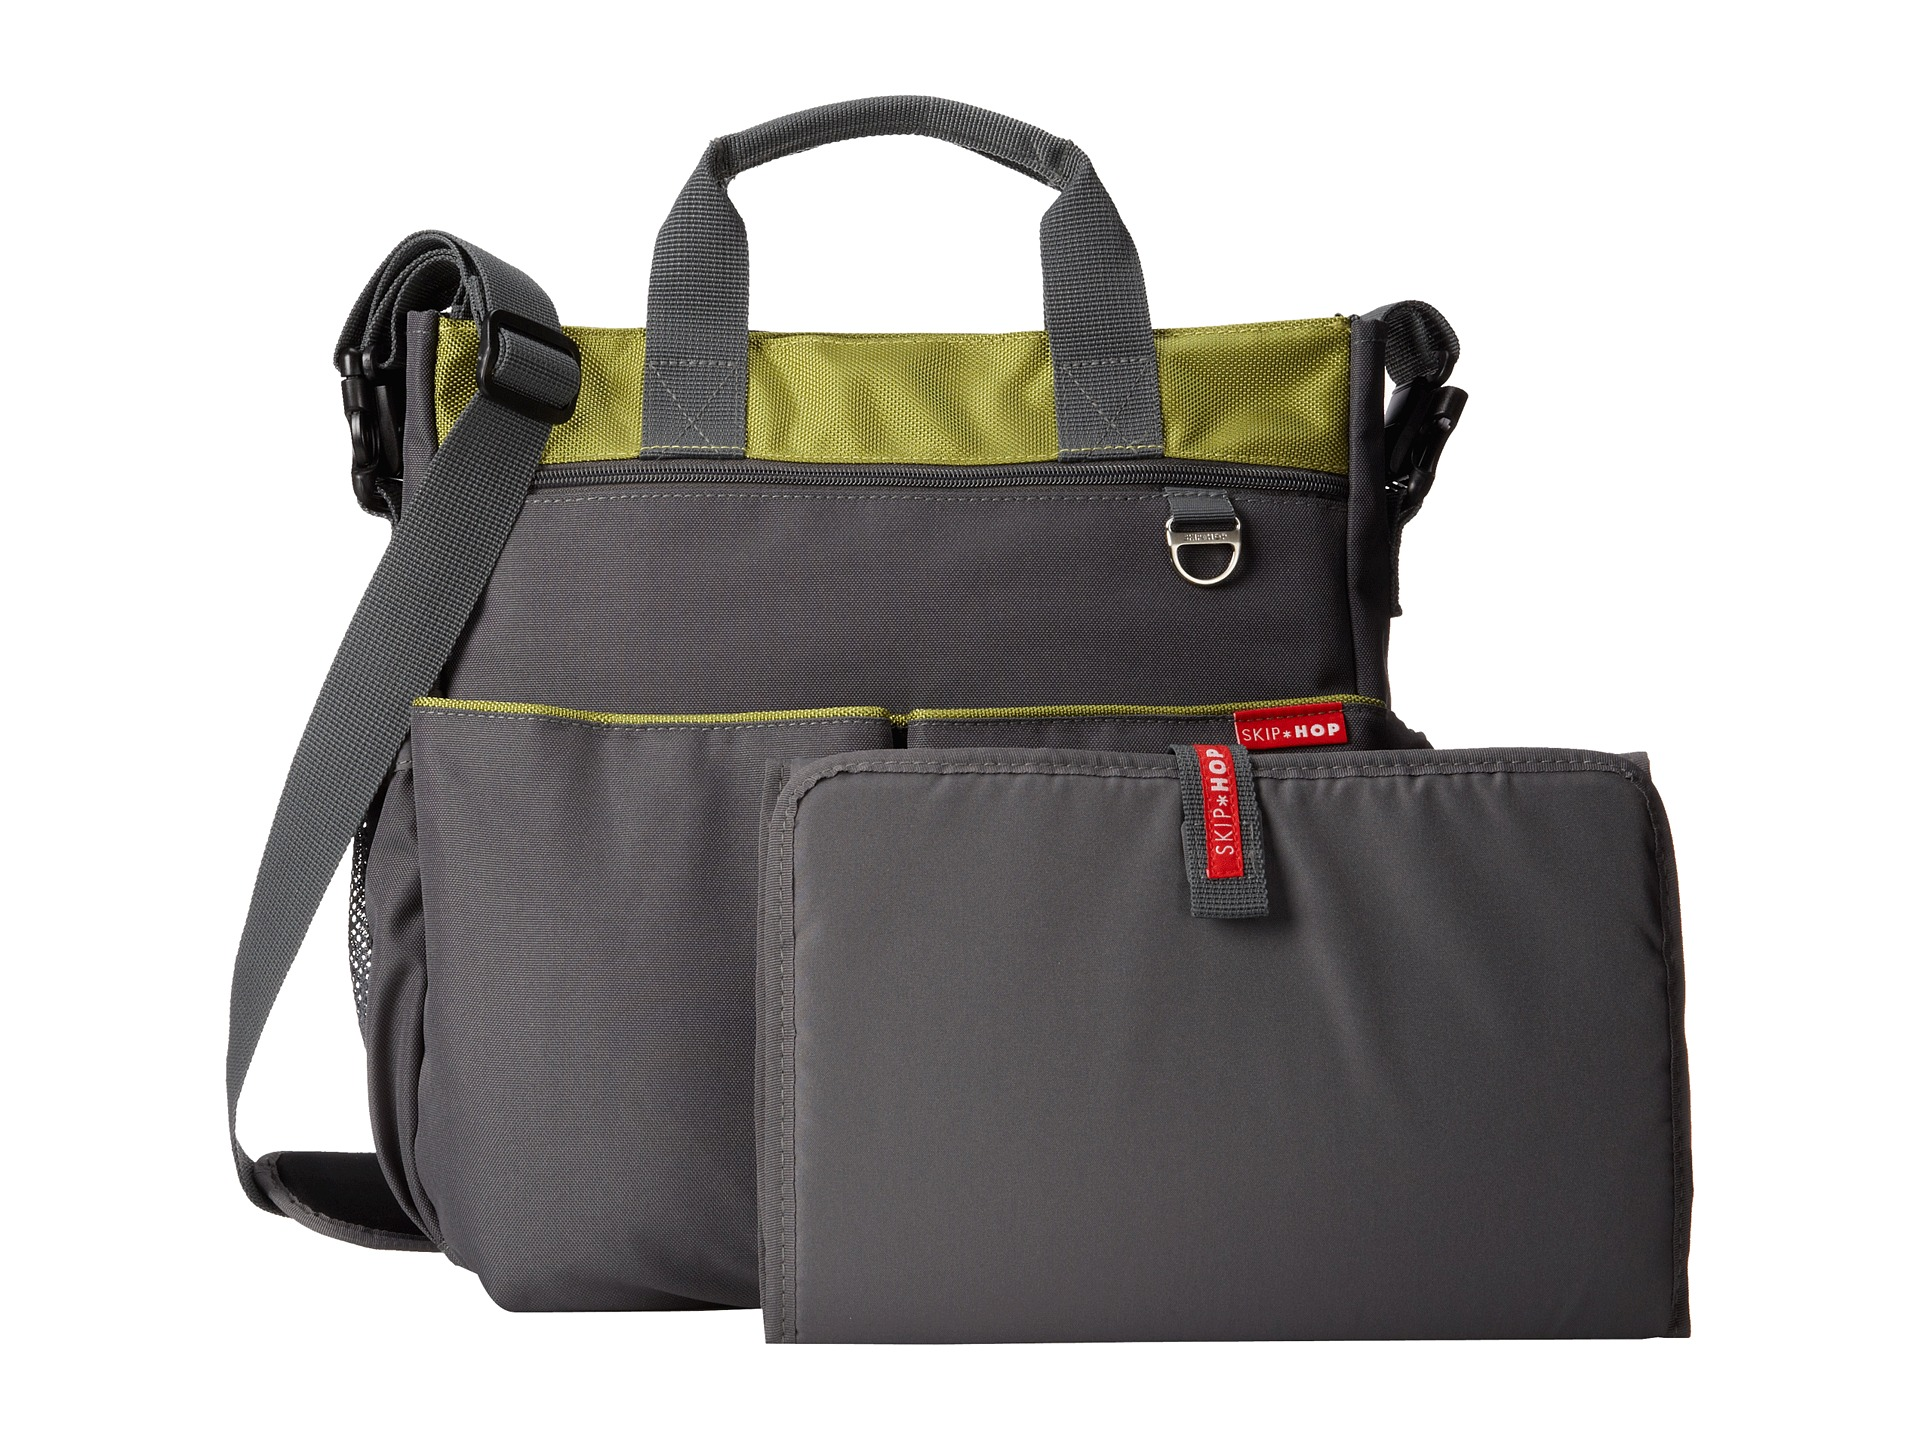 skip hop backpack diaper bag reviews skip hop duo backpack diaper bag review skip hop forma. Black Bedroom Furniture Sets. Home Design Ideas